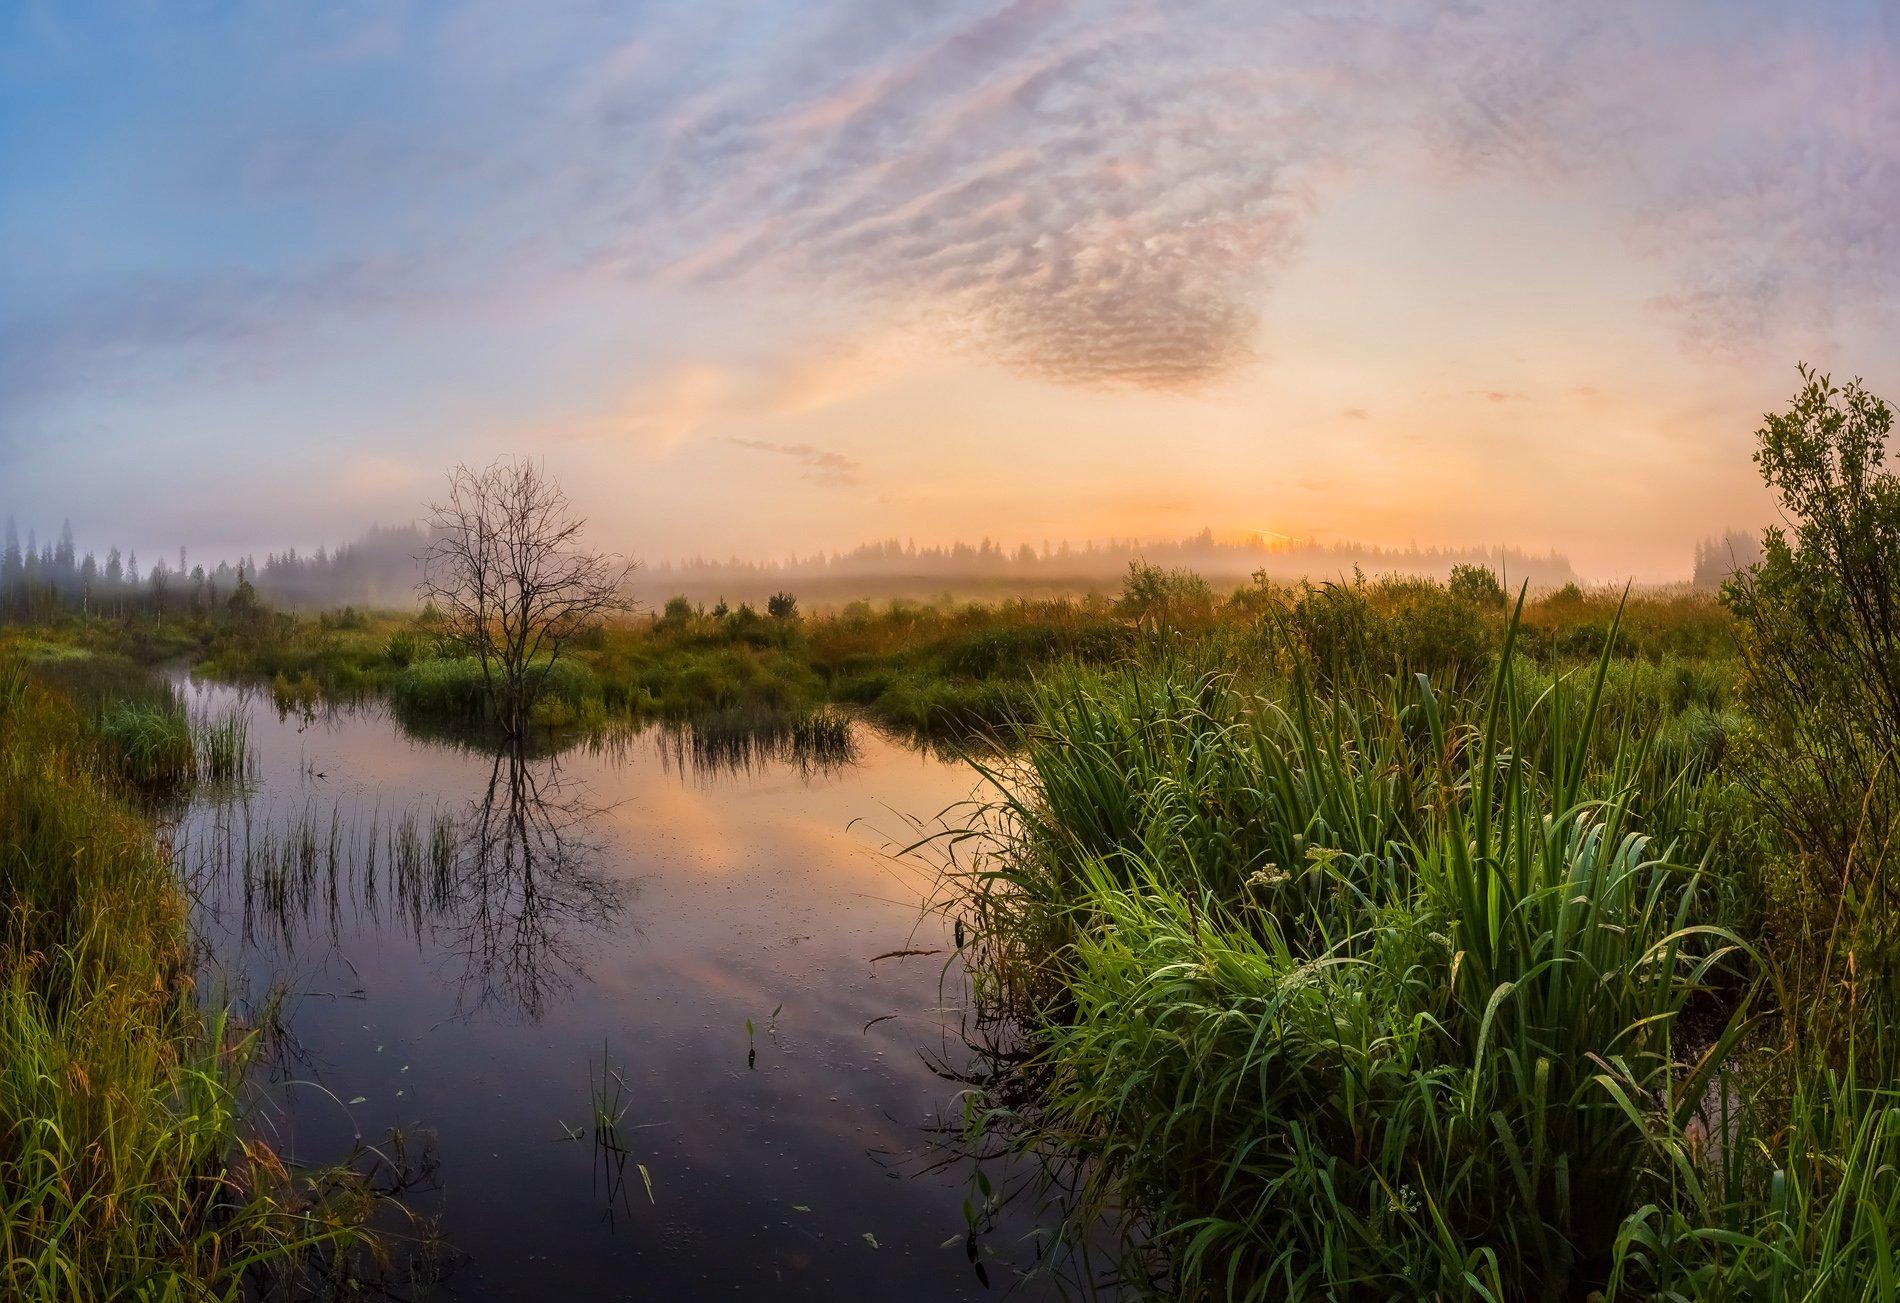 лето, август, ленинградская область, ручей, рассвет, трава, туман, облака, лес, отражение, магия, фототур, камыш,, Лашков Фёдор